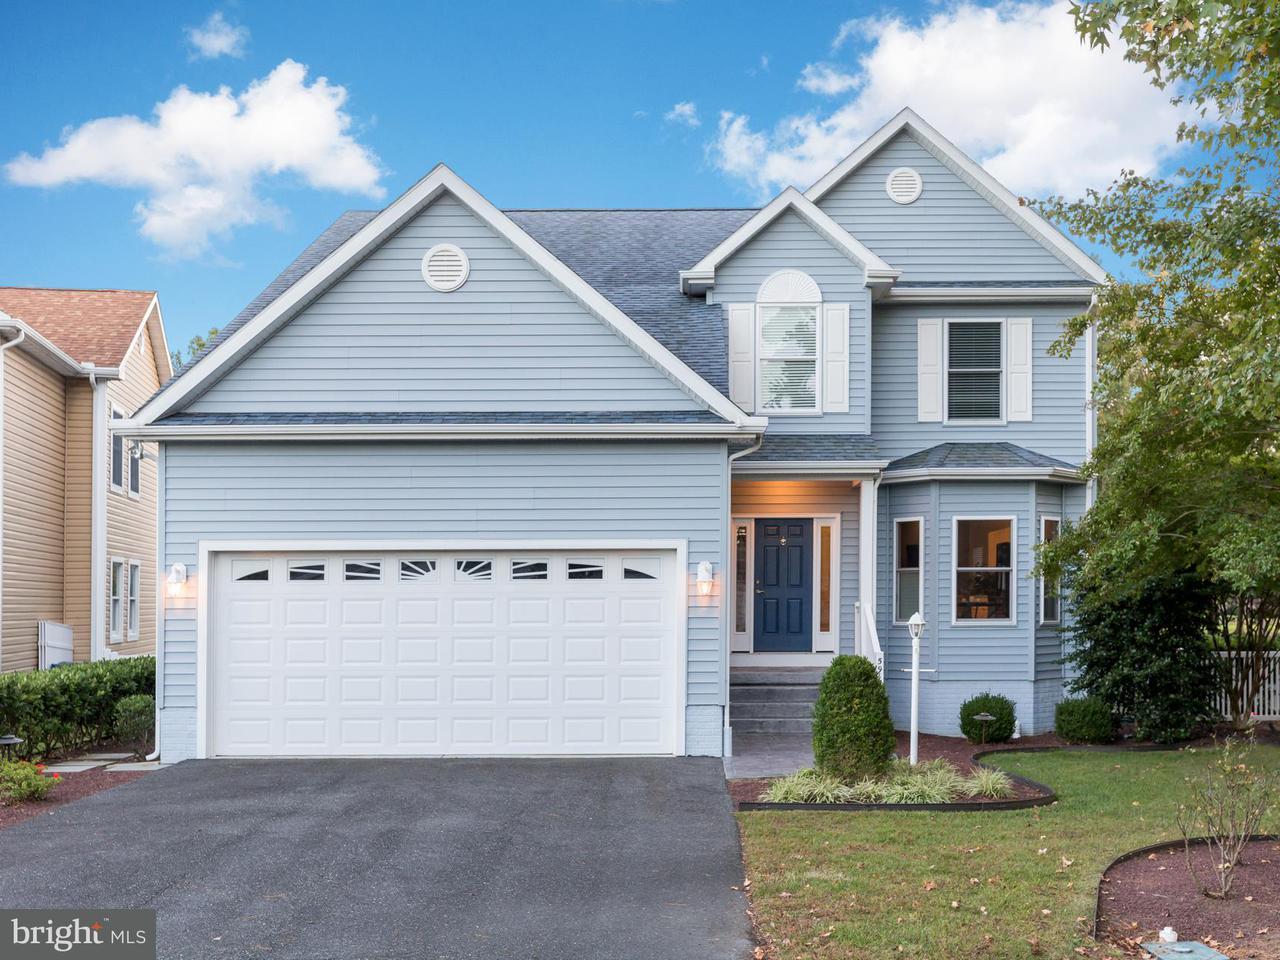 Частный односемейный дом для того Продажа на 59 CLUBHOUSE Drive 59 CLUBHOUSE Drive Ocean Pines, Мэриленд 21811 Соединенные Штаты